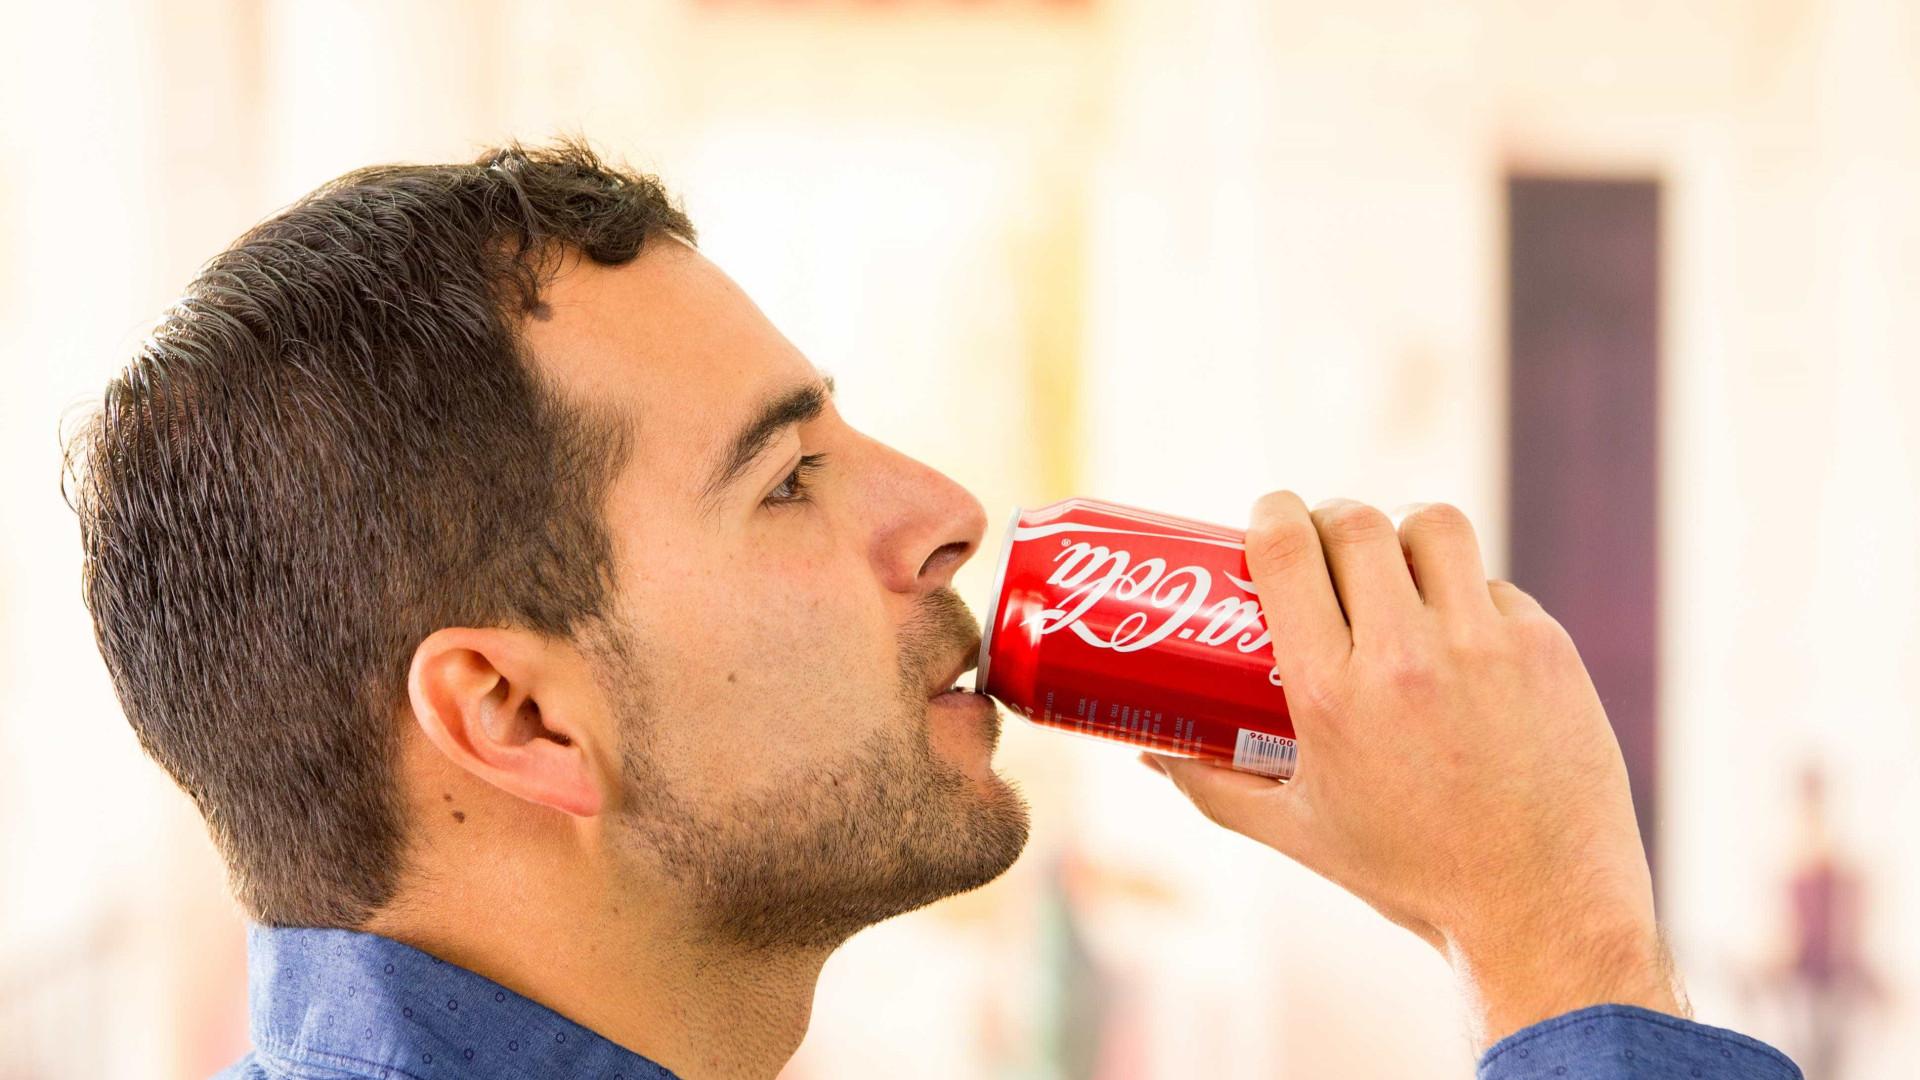 Bebe da lata? Estudo encontra efeito secundário importante